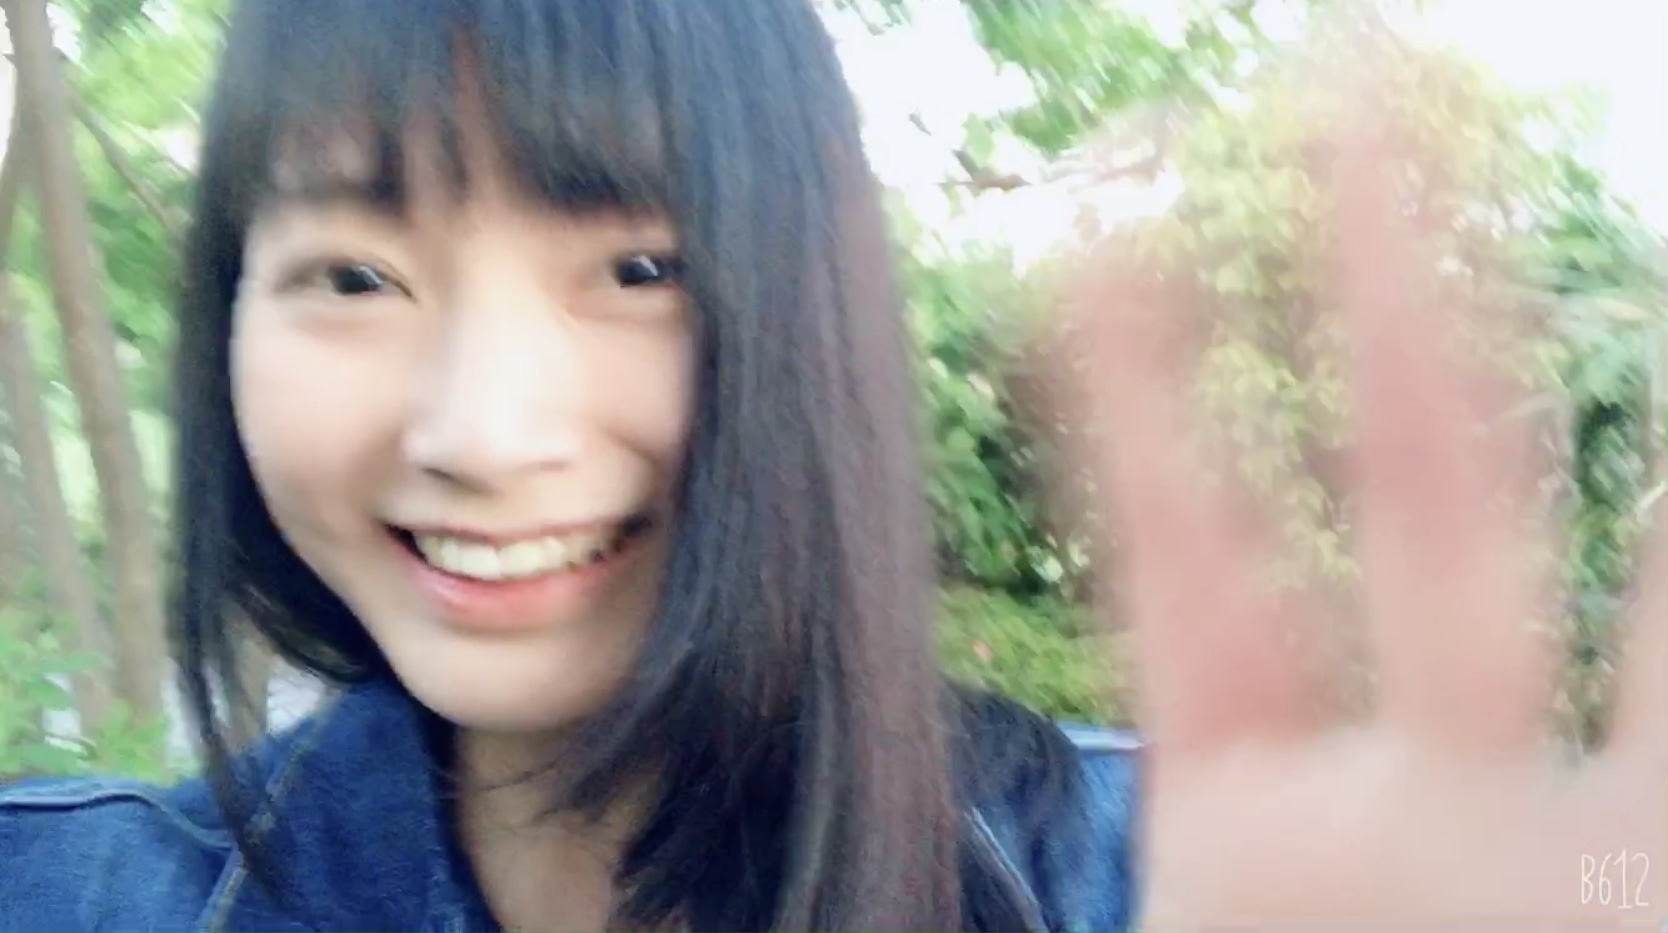 狀況なんて関係無い   福井裕佳梨オフィシャルブログ yukalyric~ユカリリック~ Powered by アメブロ